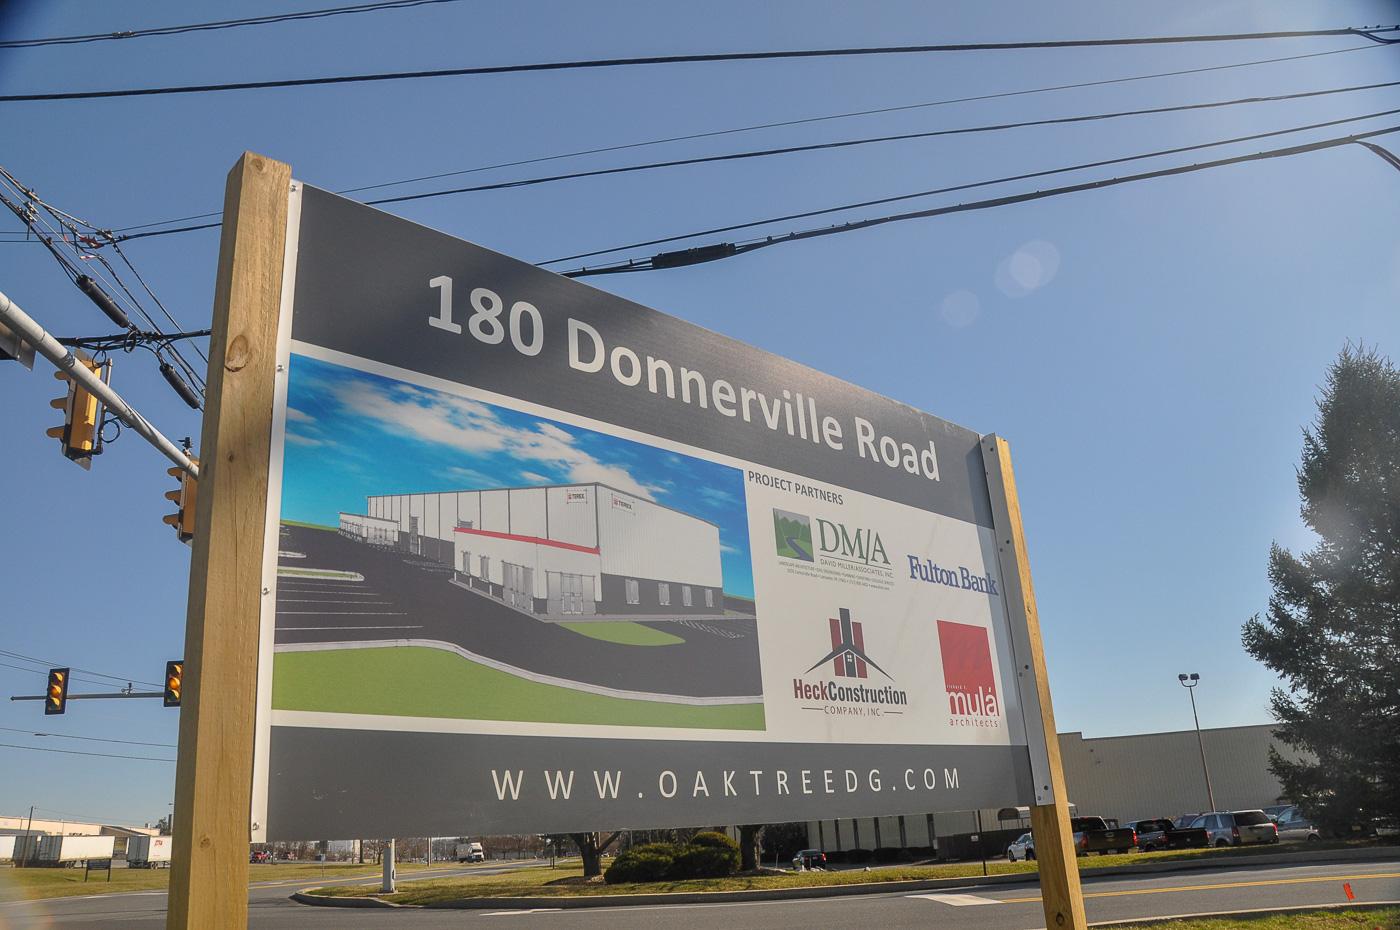 180 Donnerville Rd009.jpg